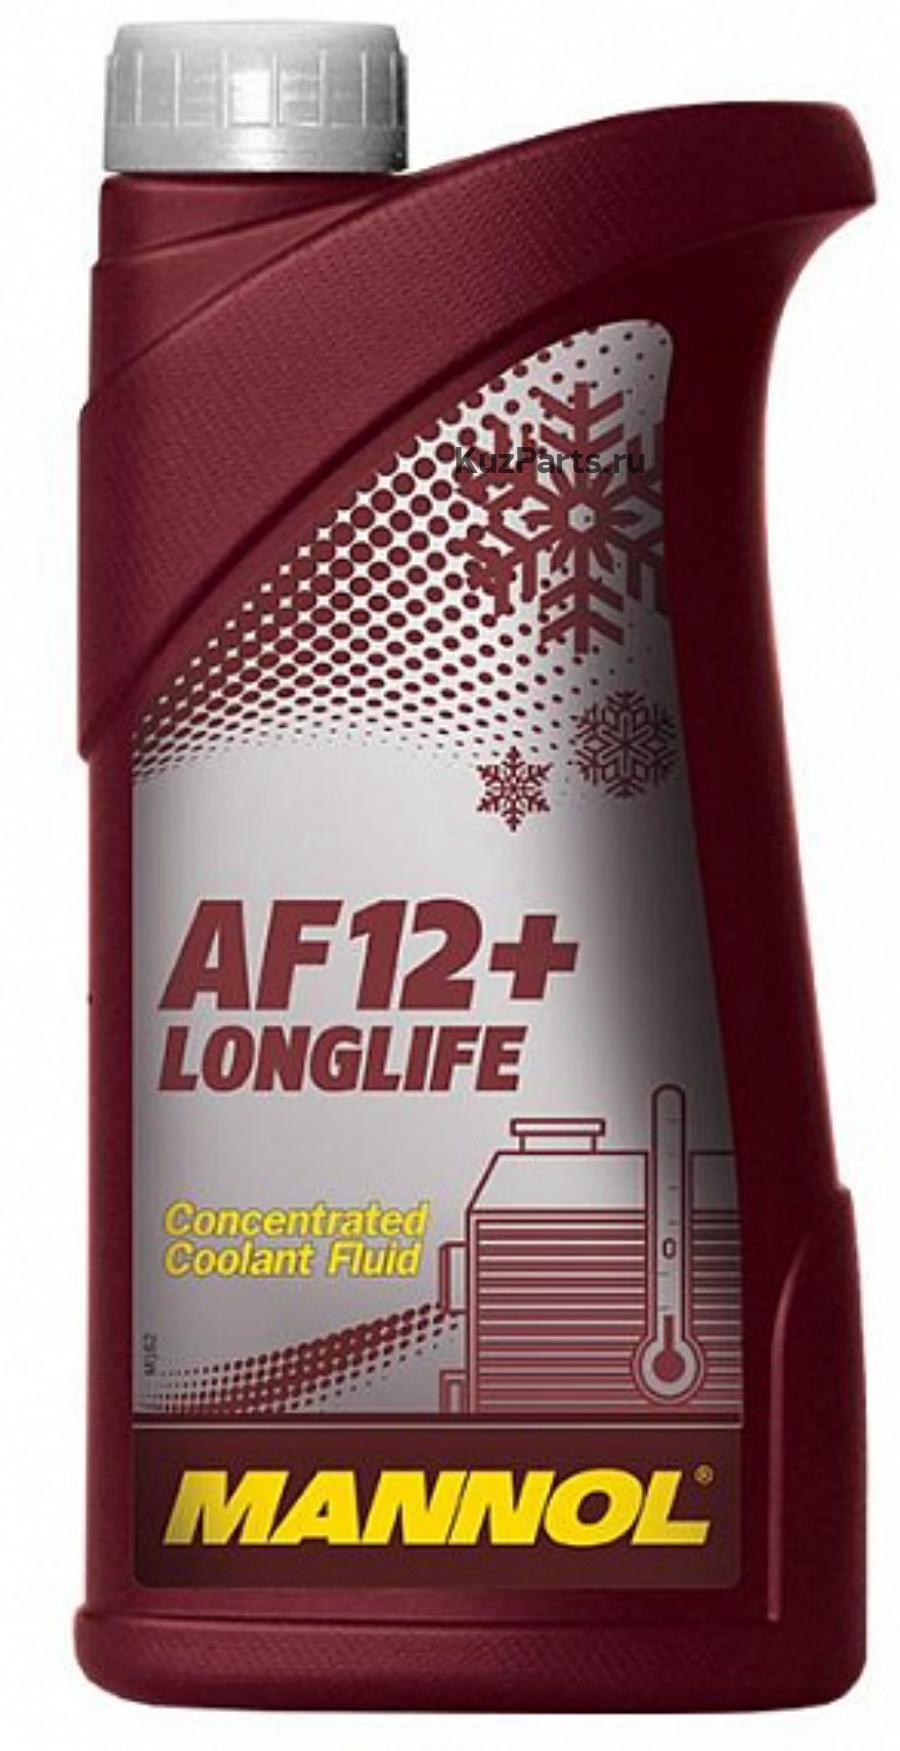 Антифриз Longlife AF12+ концентрат